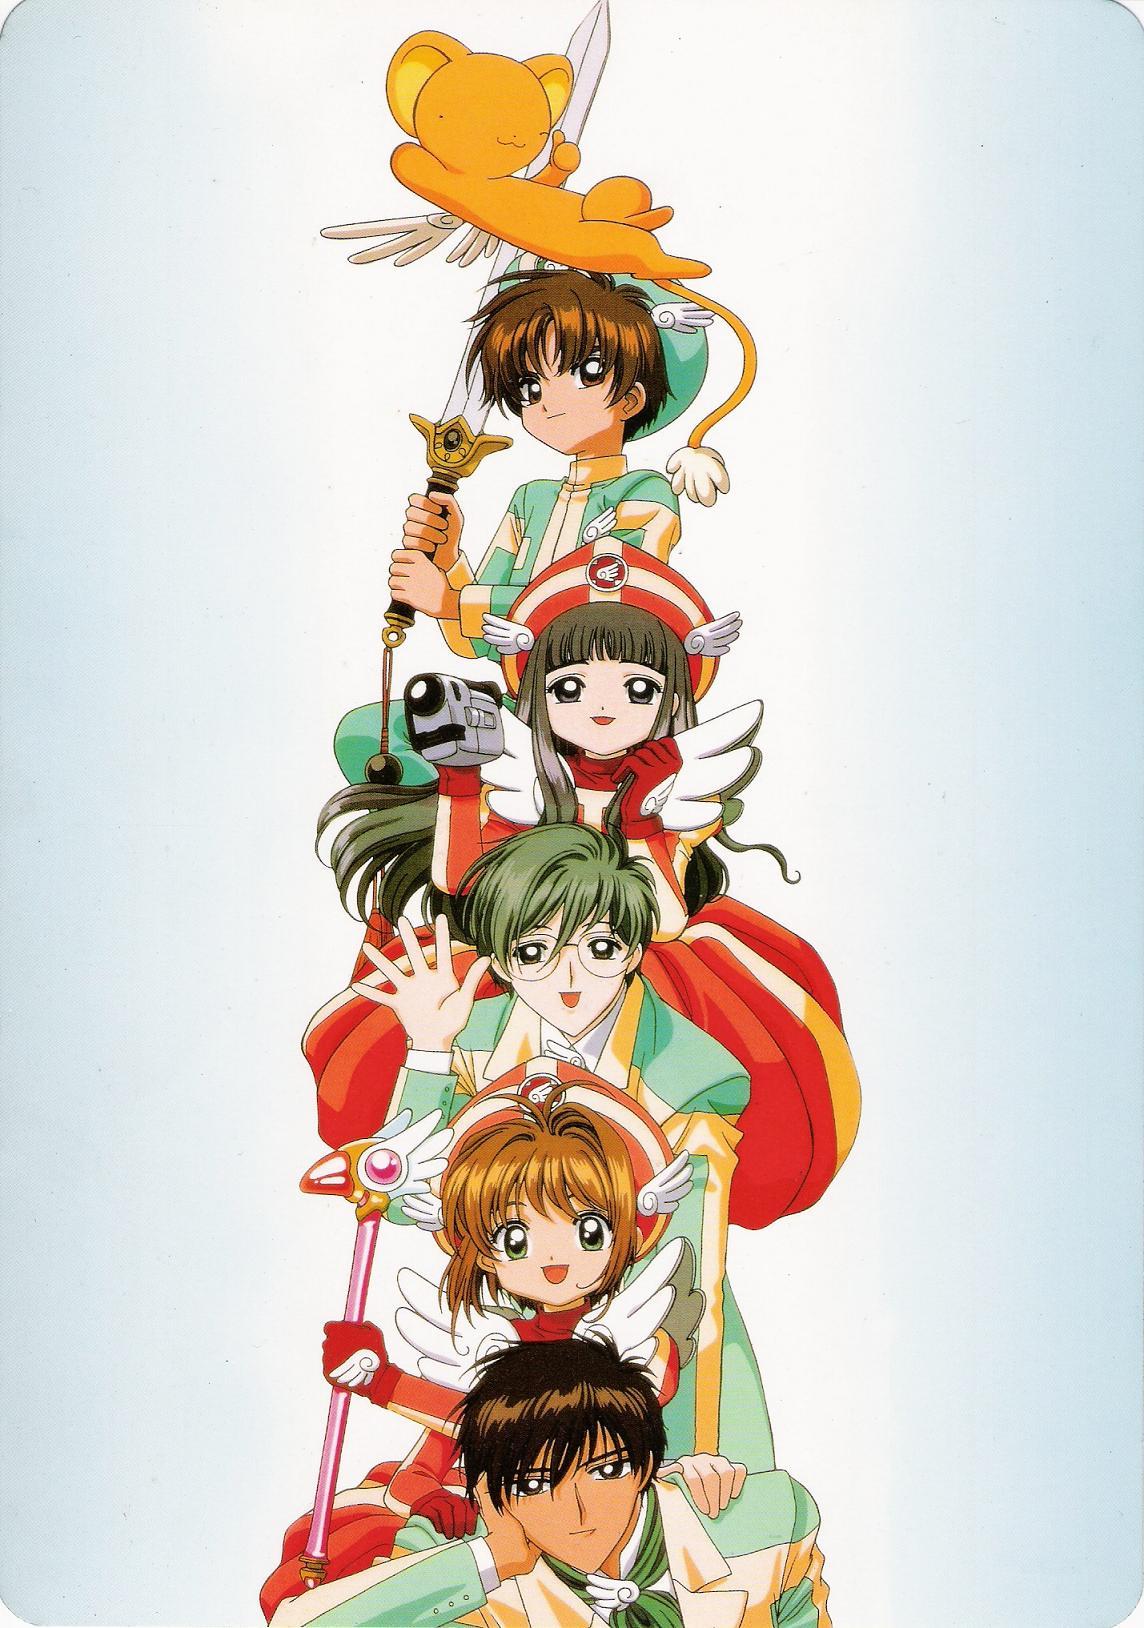 Cheerio Cardcaptor Sakura Zerochan Anime Image Board